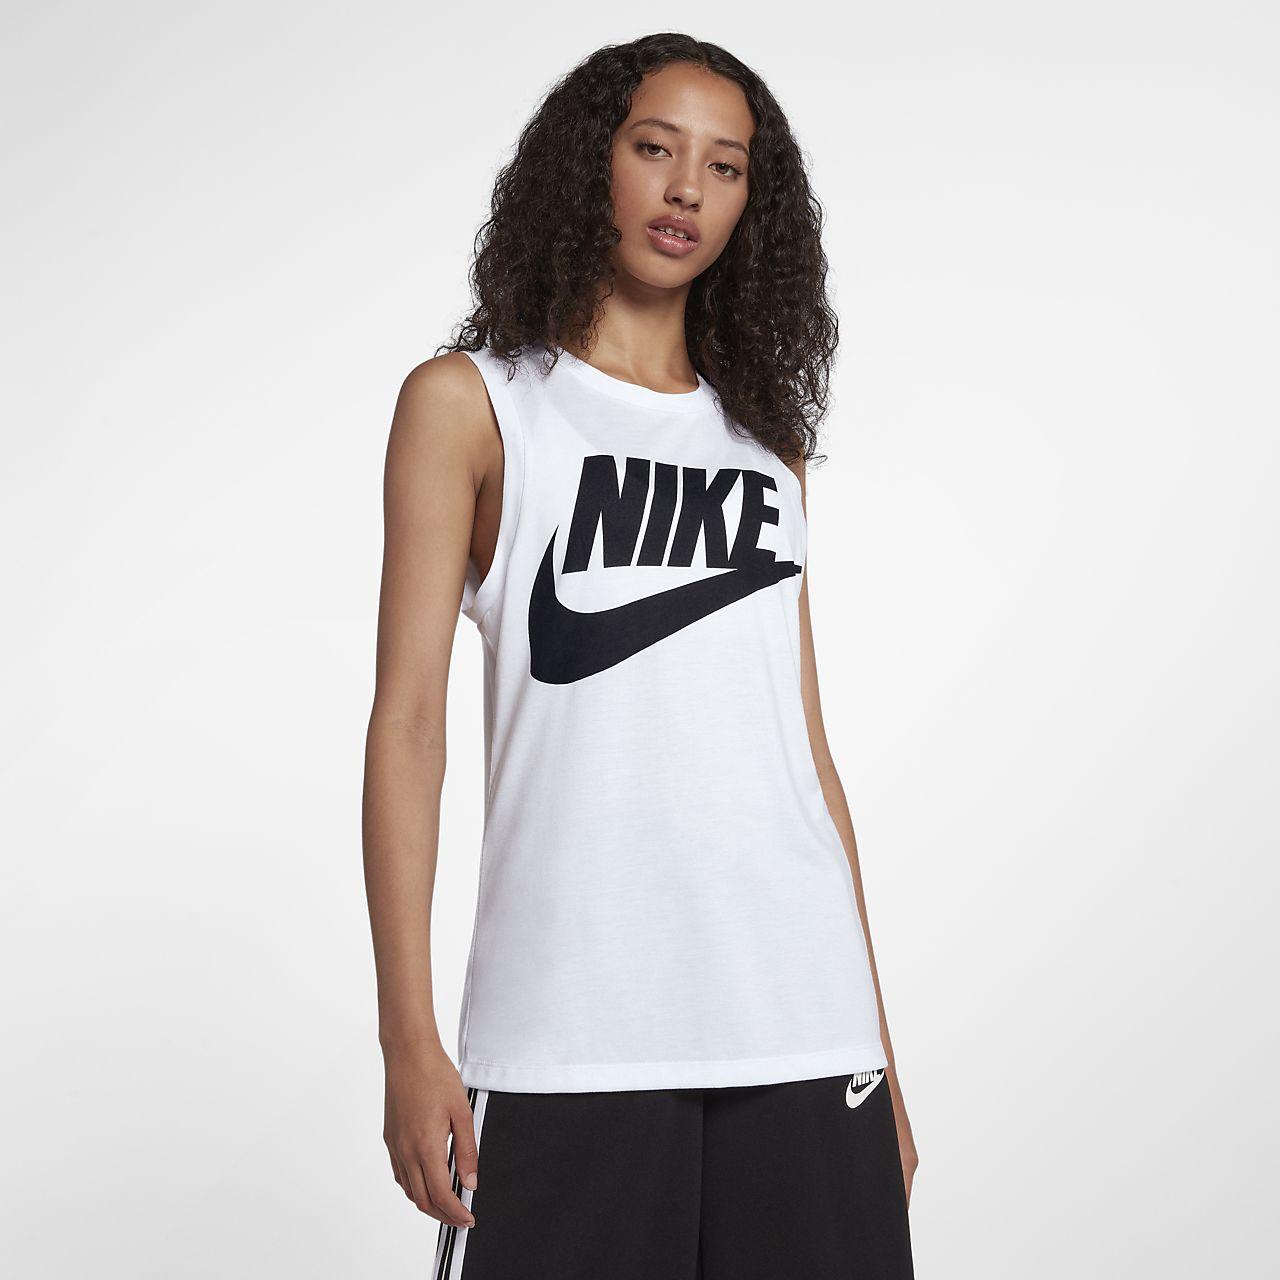 d1a6381f516e46 Low Resolution Nike Sportswear Essential Women s Tank Nike Sportswear  Essential Women s Tank